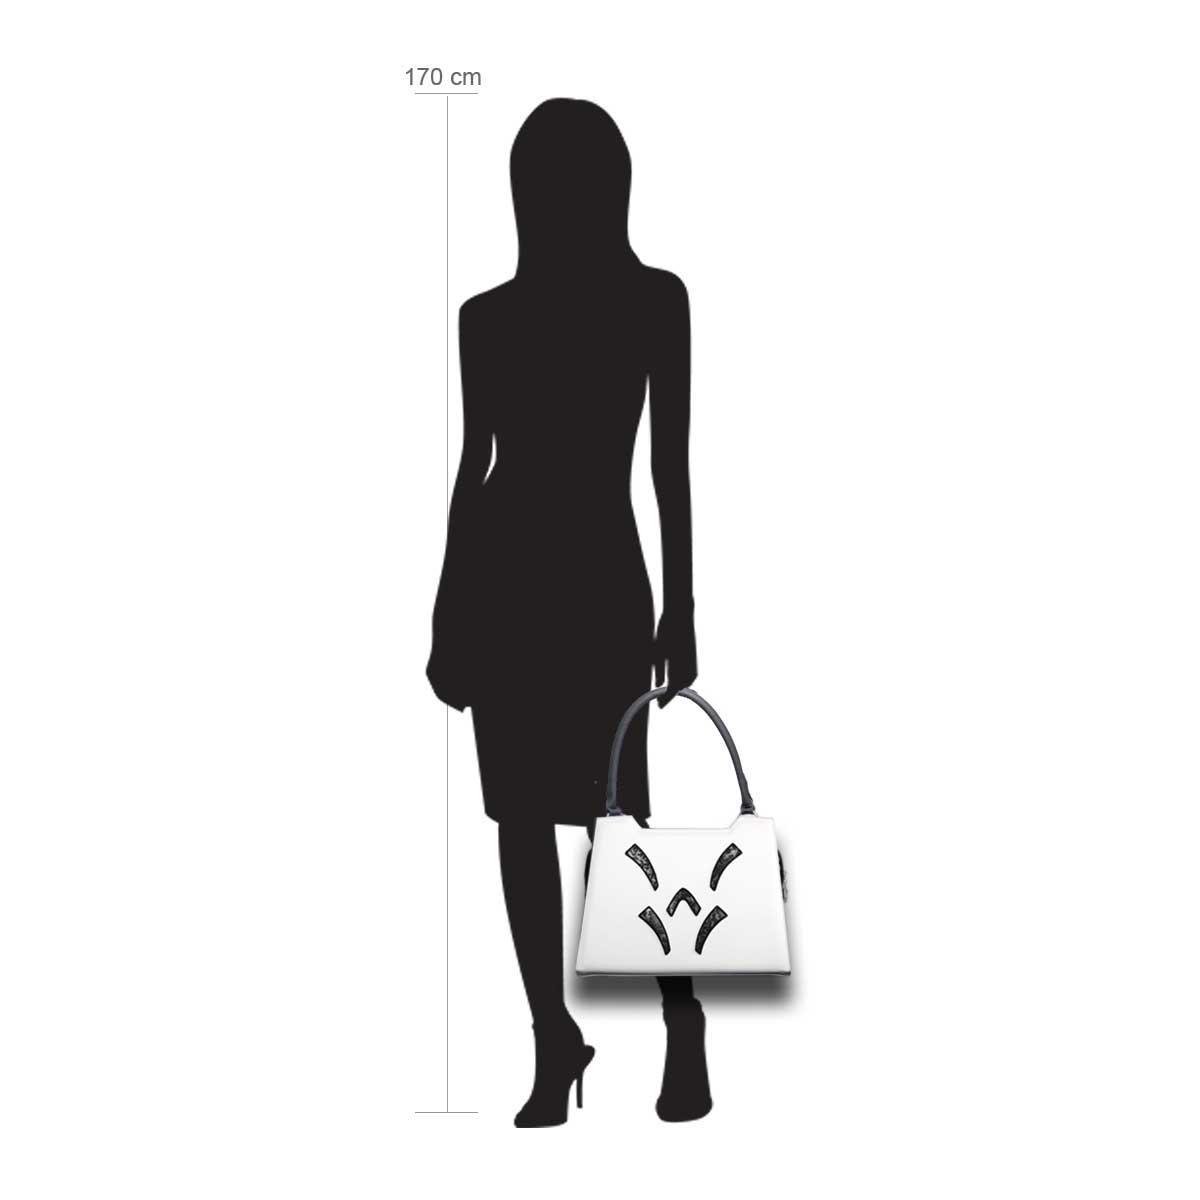 Puppe 170 cm groß zeigt die Taschengröße an . Modell: Florenz